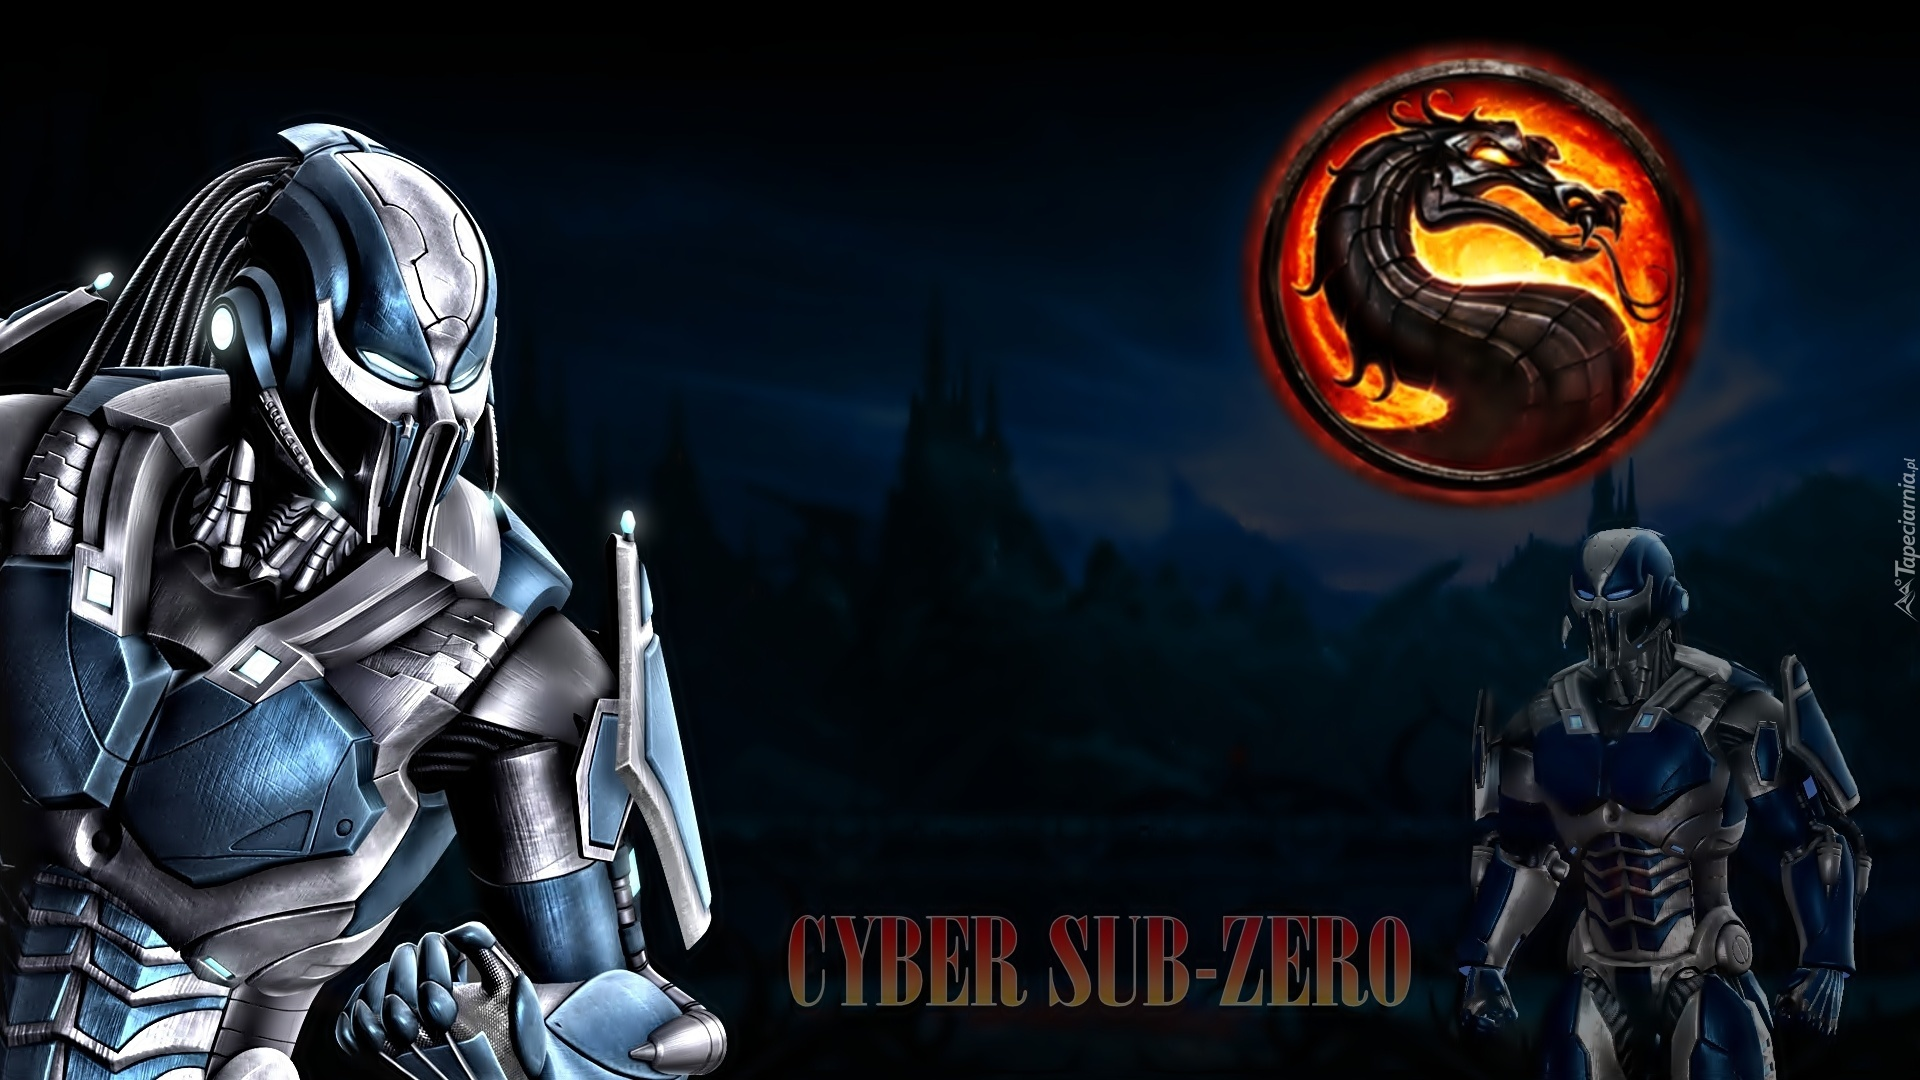 Cyber scorpion vs cyber sub zero